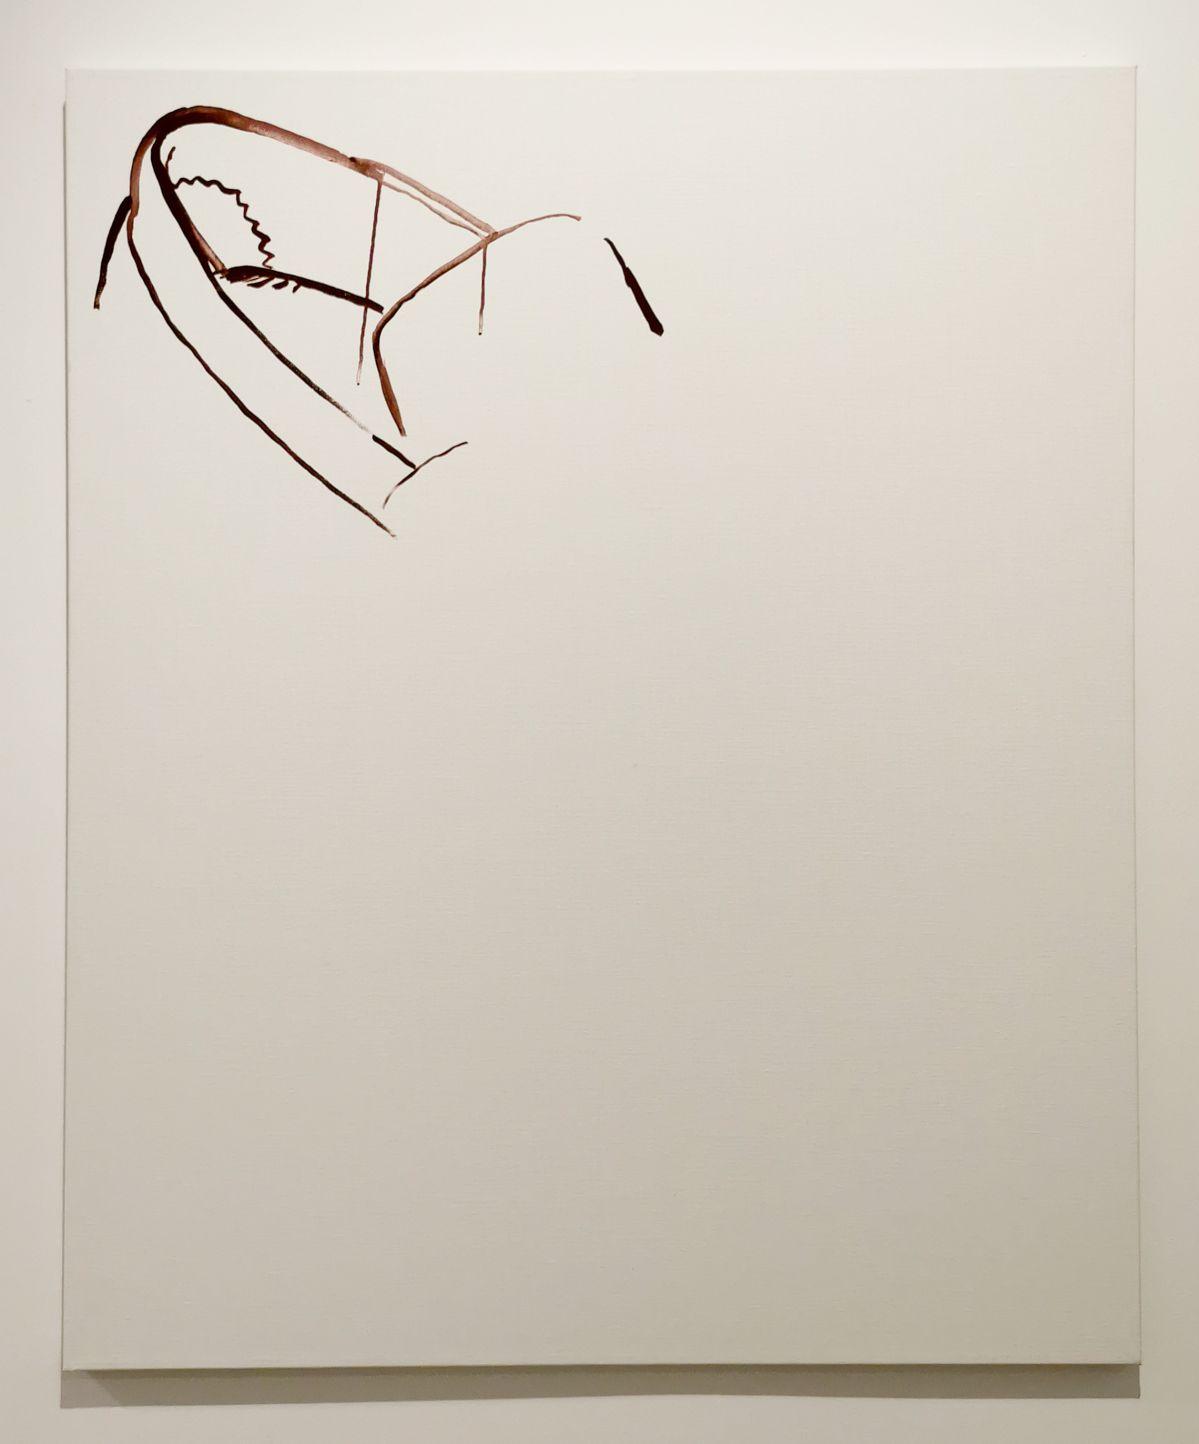 Michael Krebber - 1 Castel Street, 2001 - 00s - Collection Cranford - les années 2000 au MOCO Montpellier